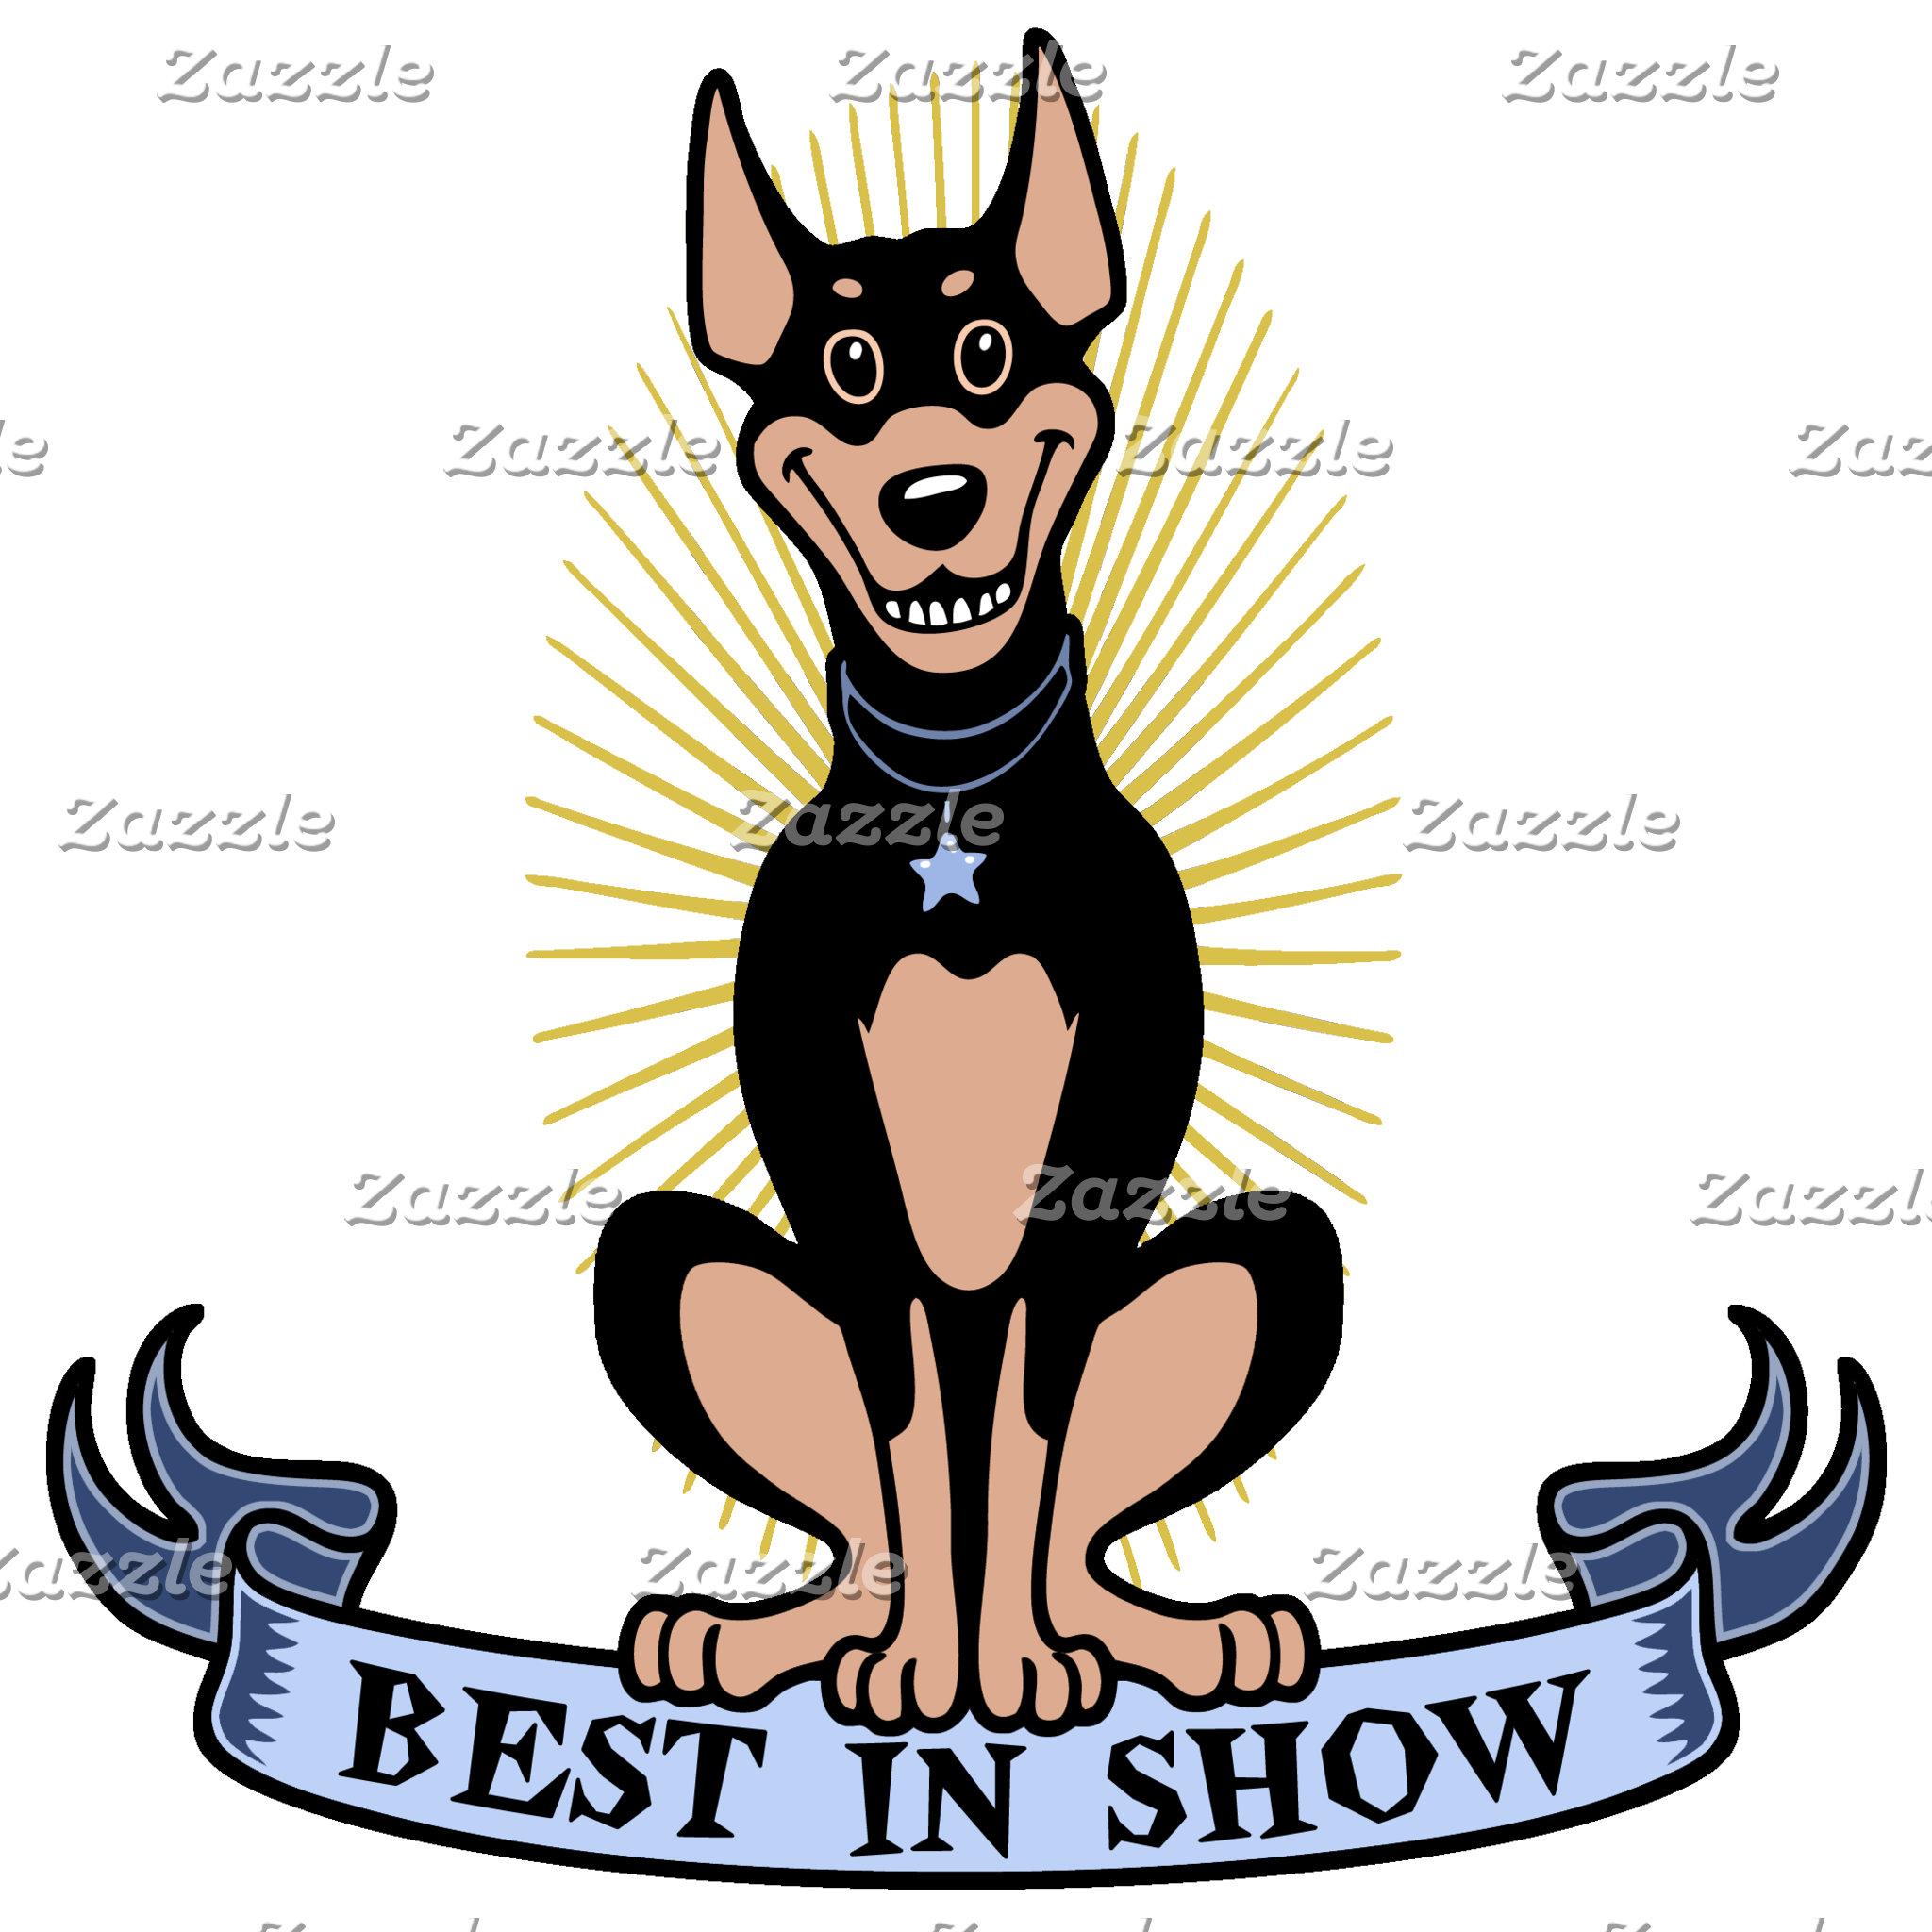 Best in Show -dobe